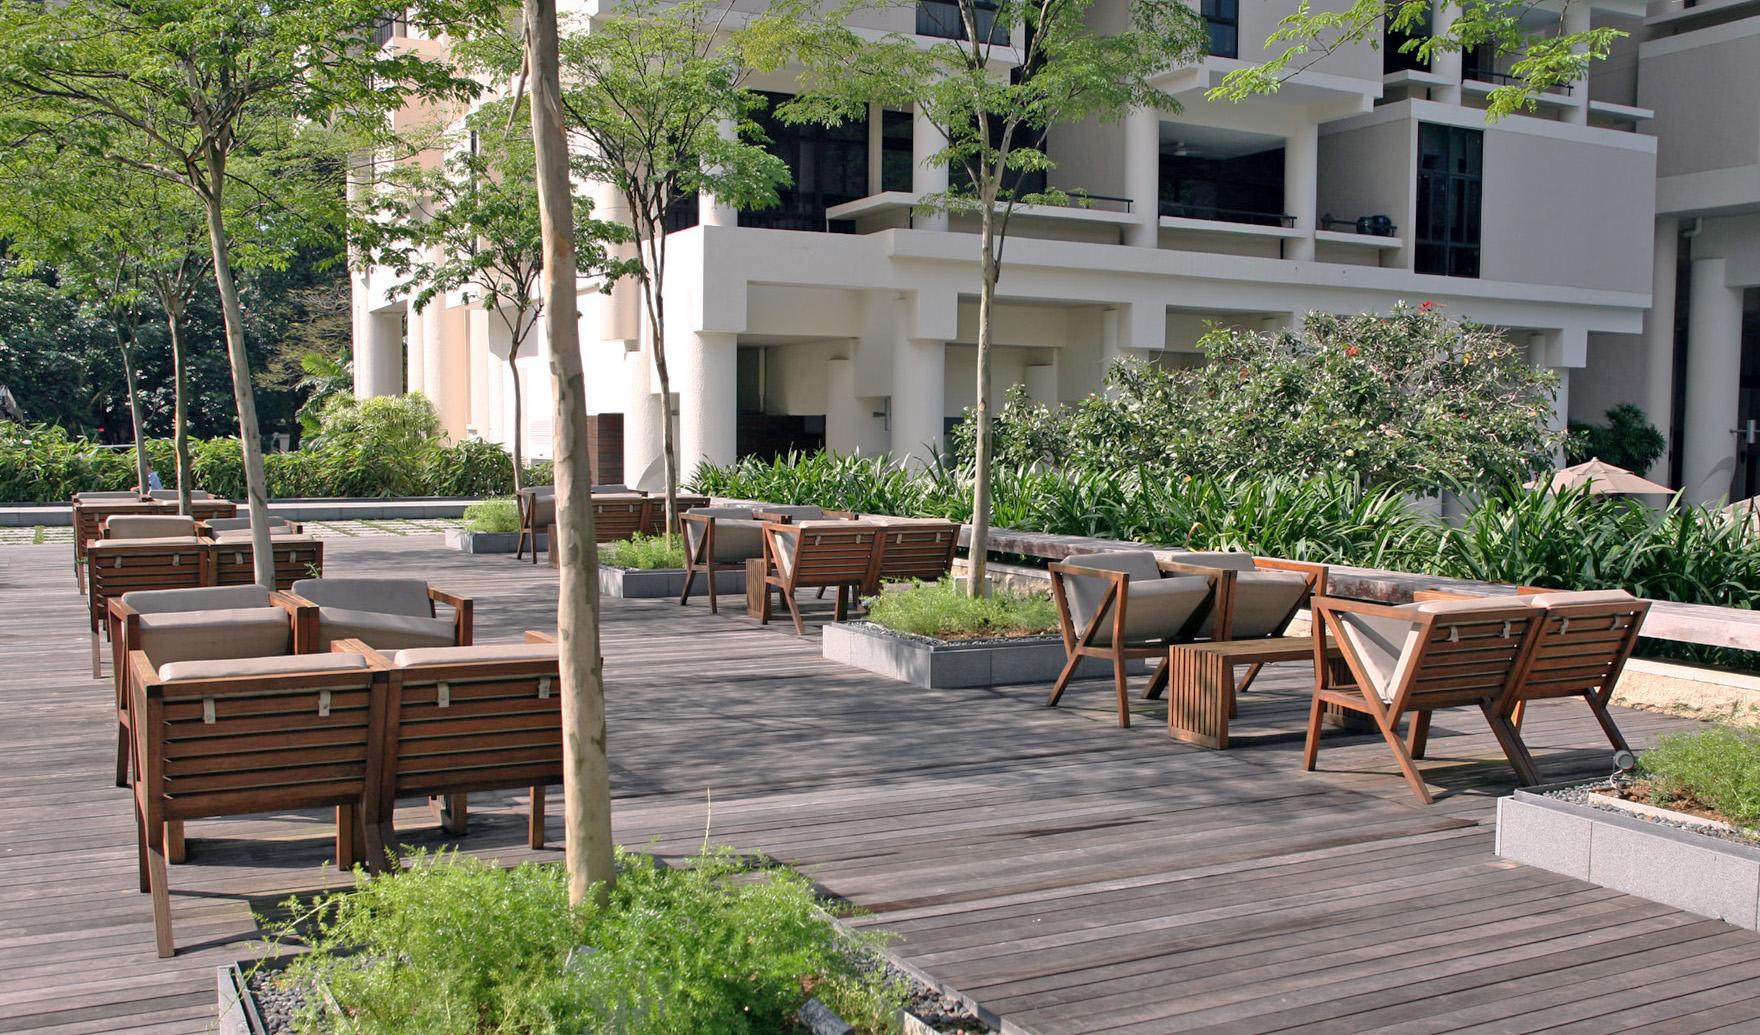 outdoor area crmo.jpg